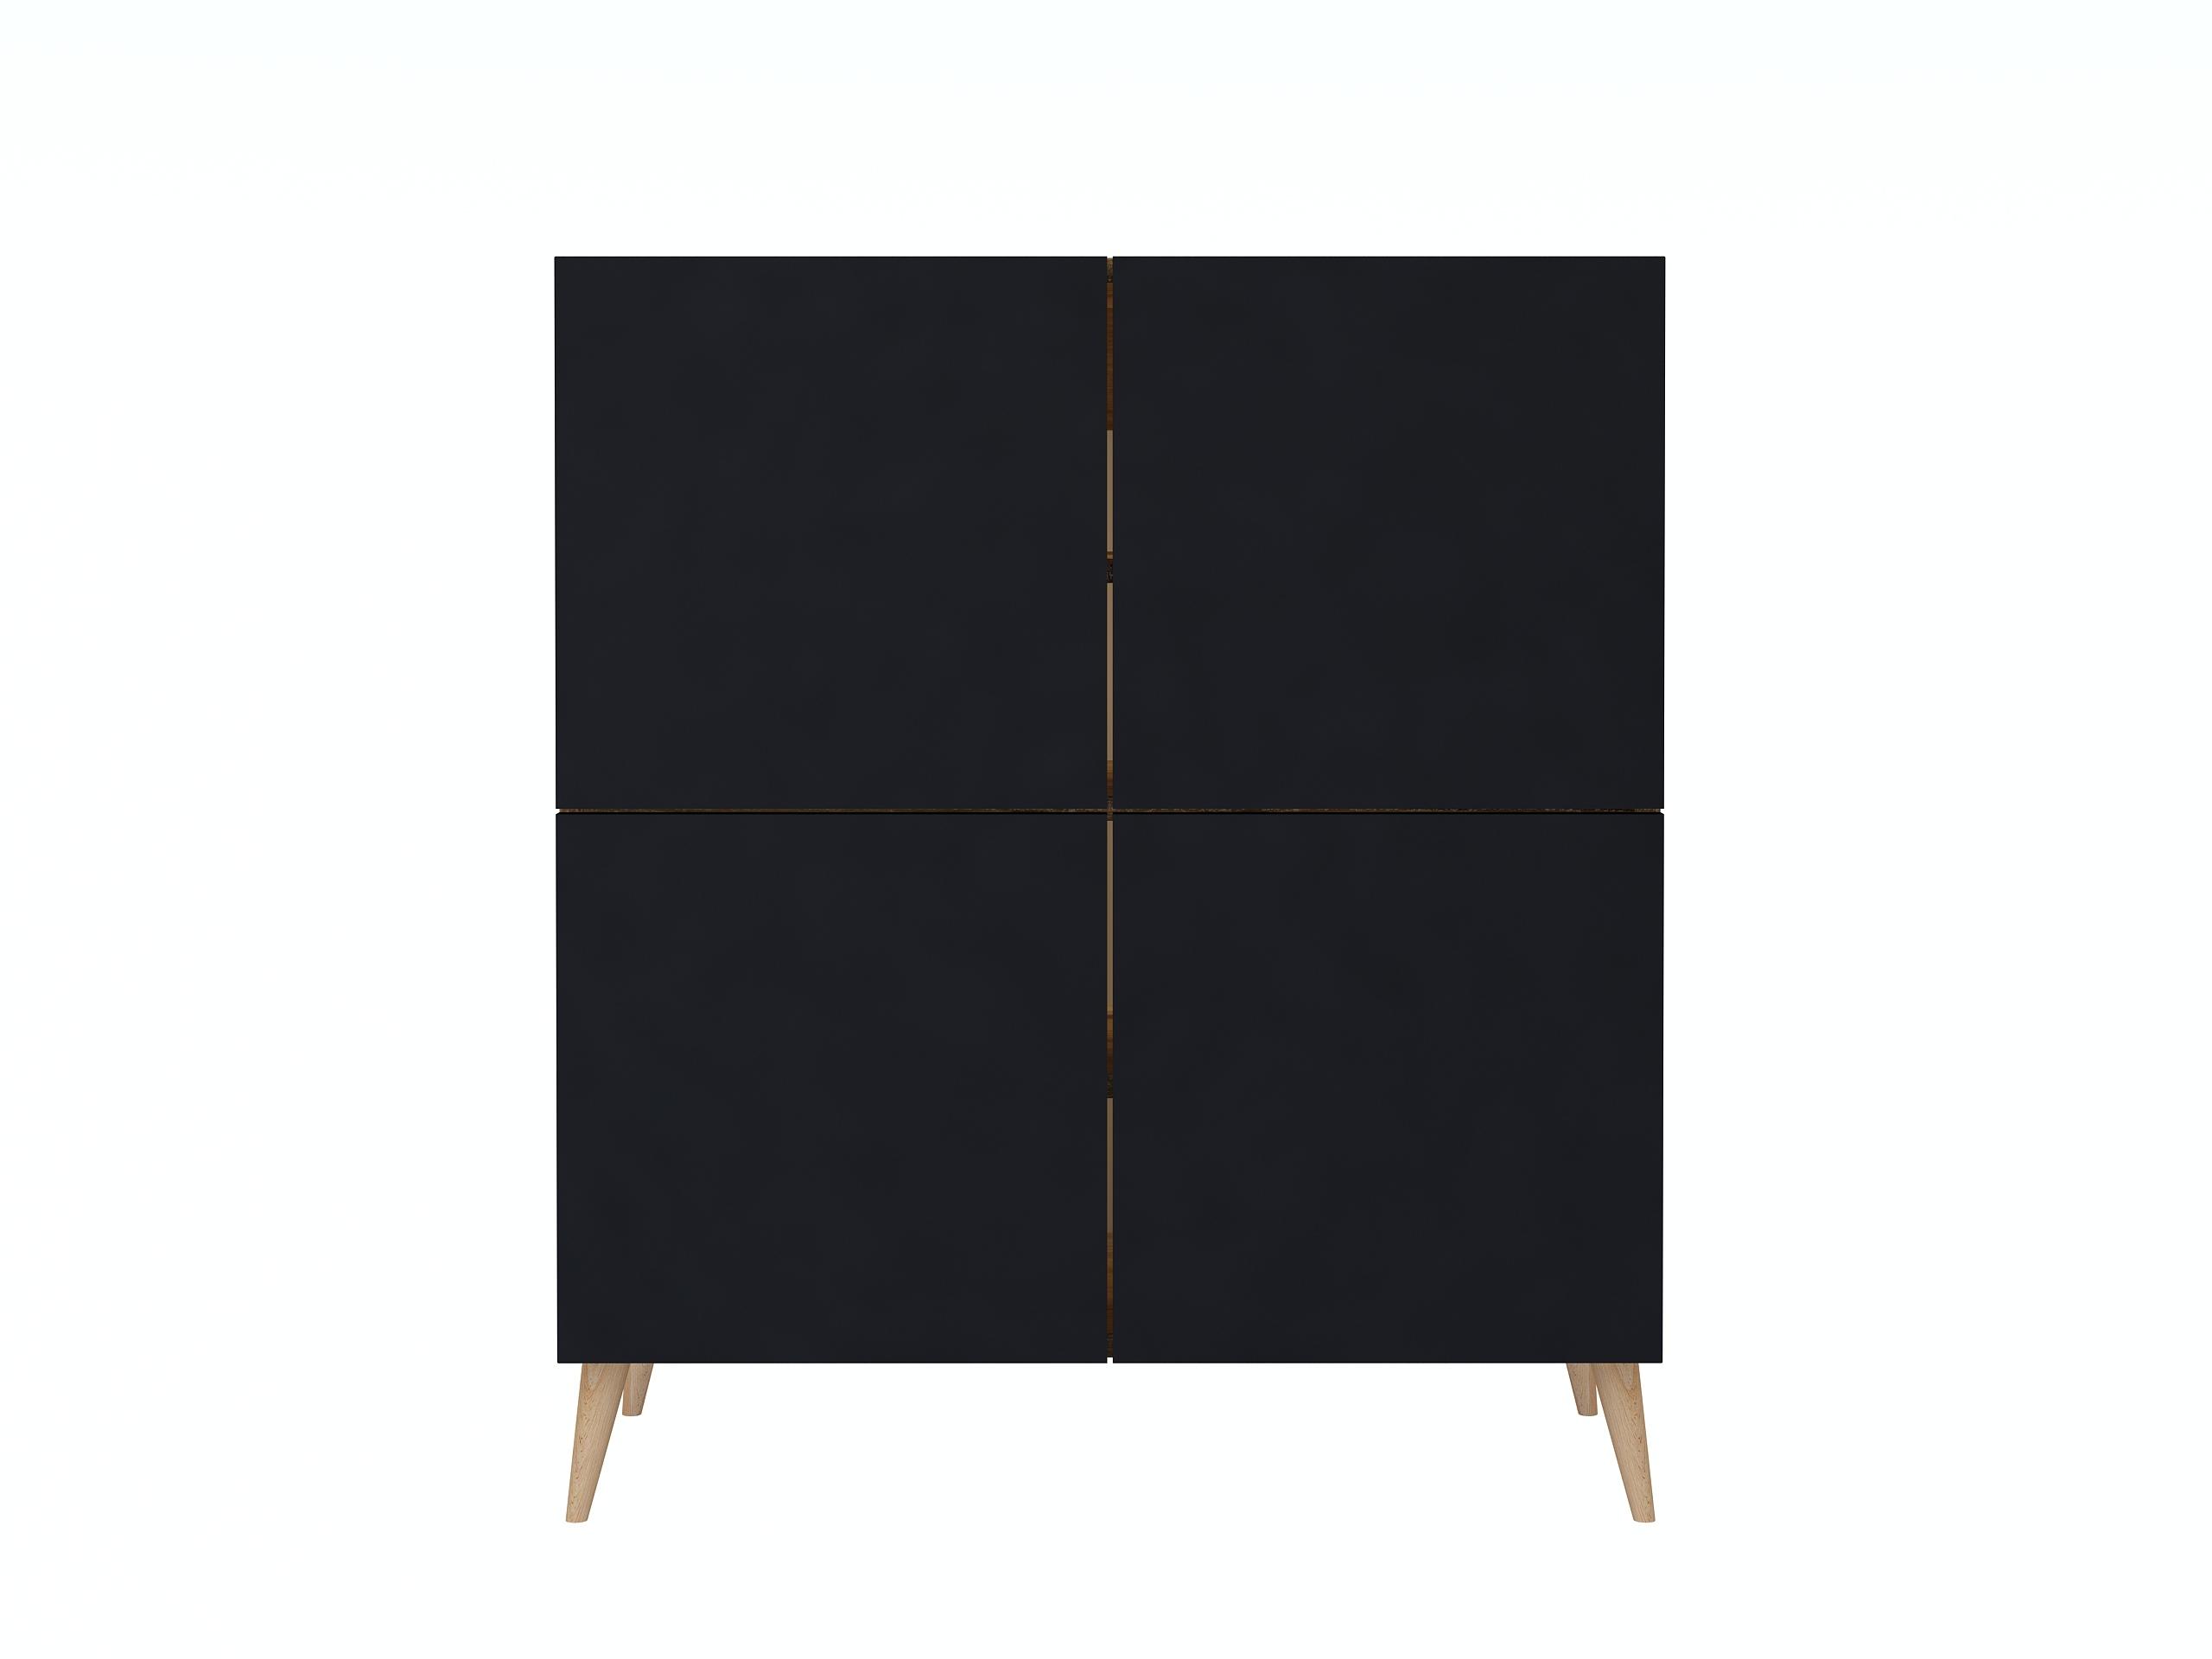 dąb złoty, dąb craft, czarny mat, stojąca komoda, wisząca komoda, komoda z drewnianymi nogami